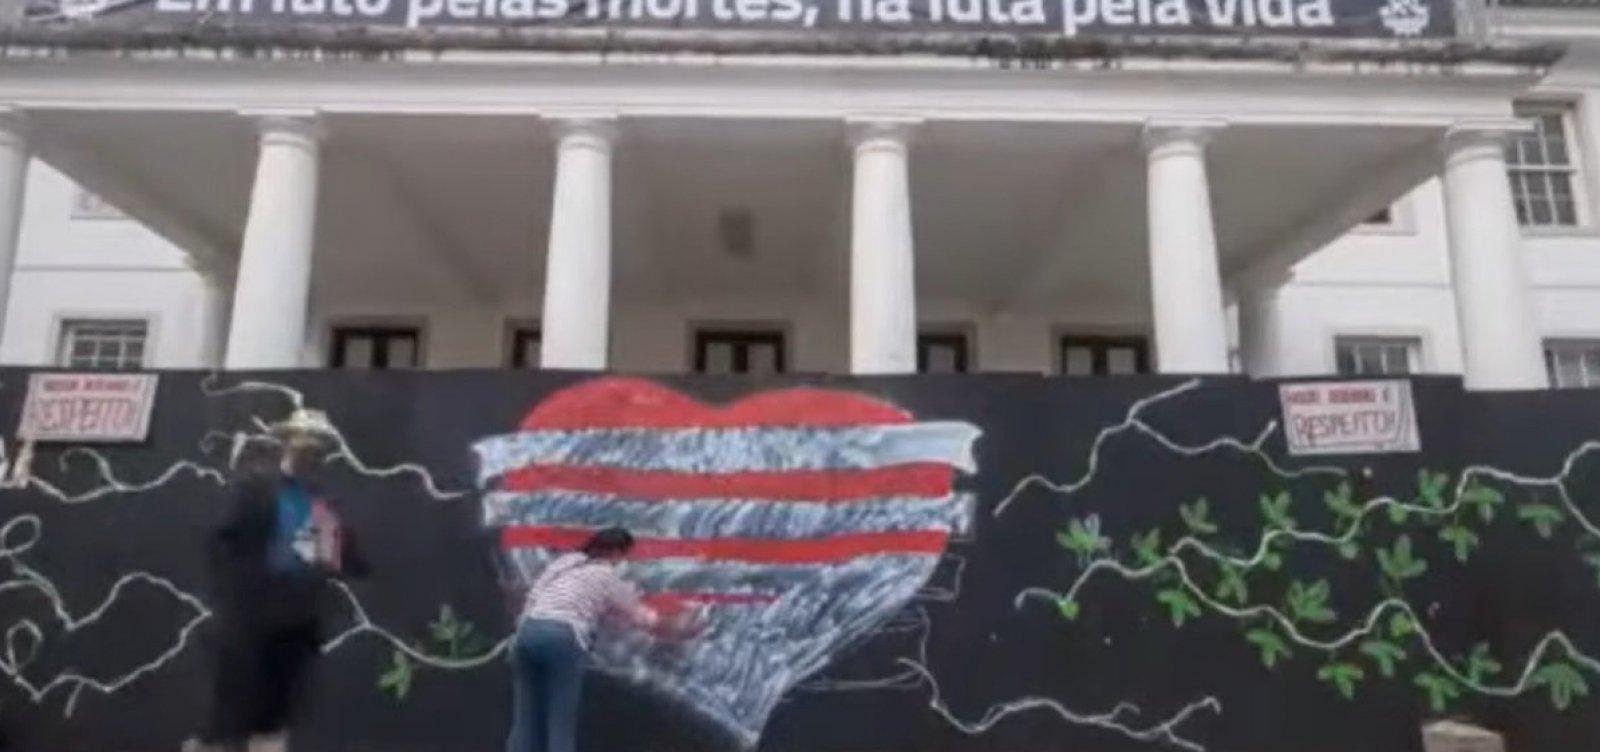 Ufba denuncia orçamento igual ao de 2010 e lembra vítimas da Covid-19